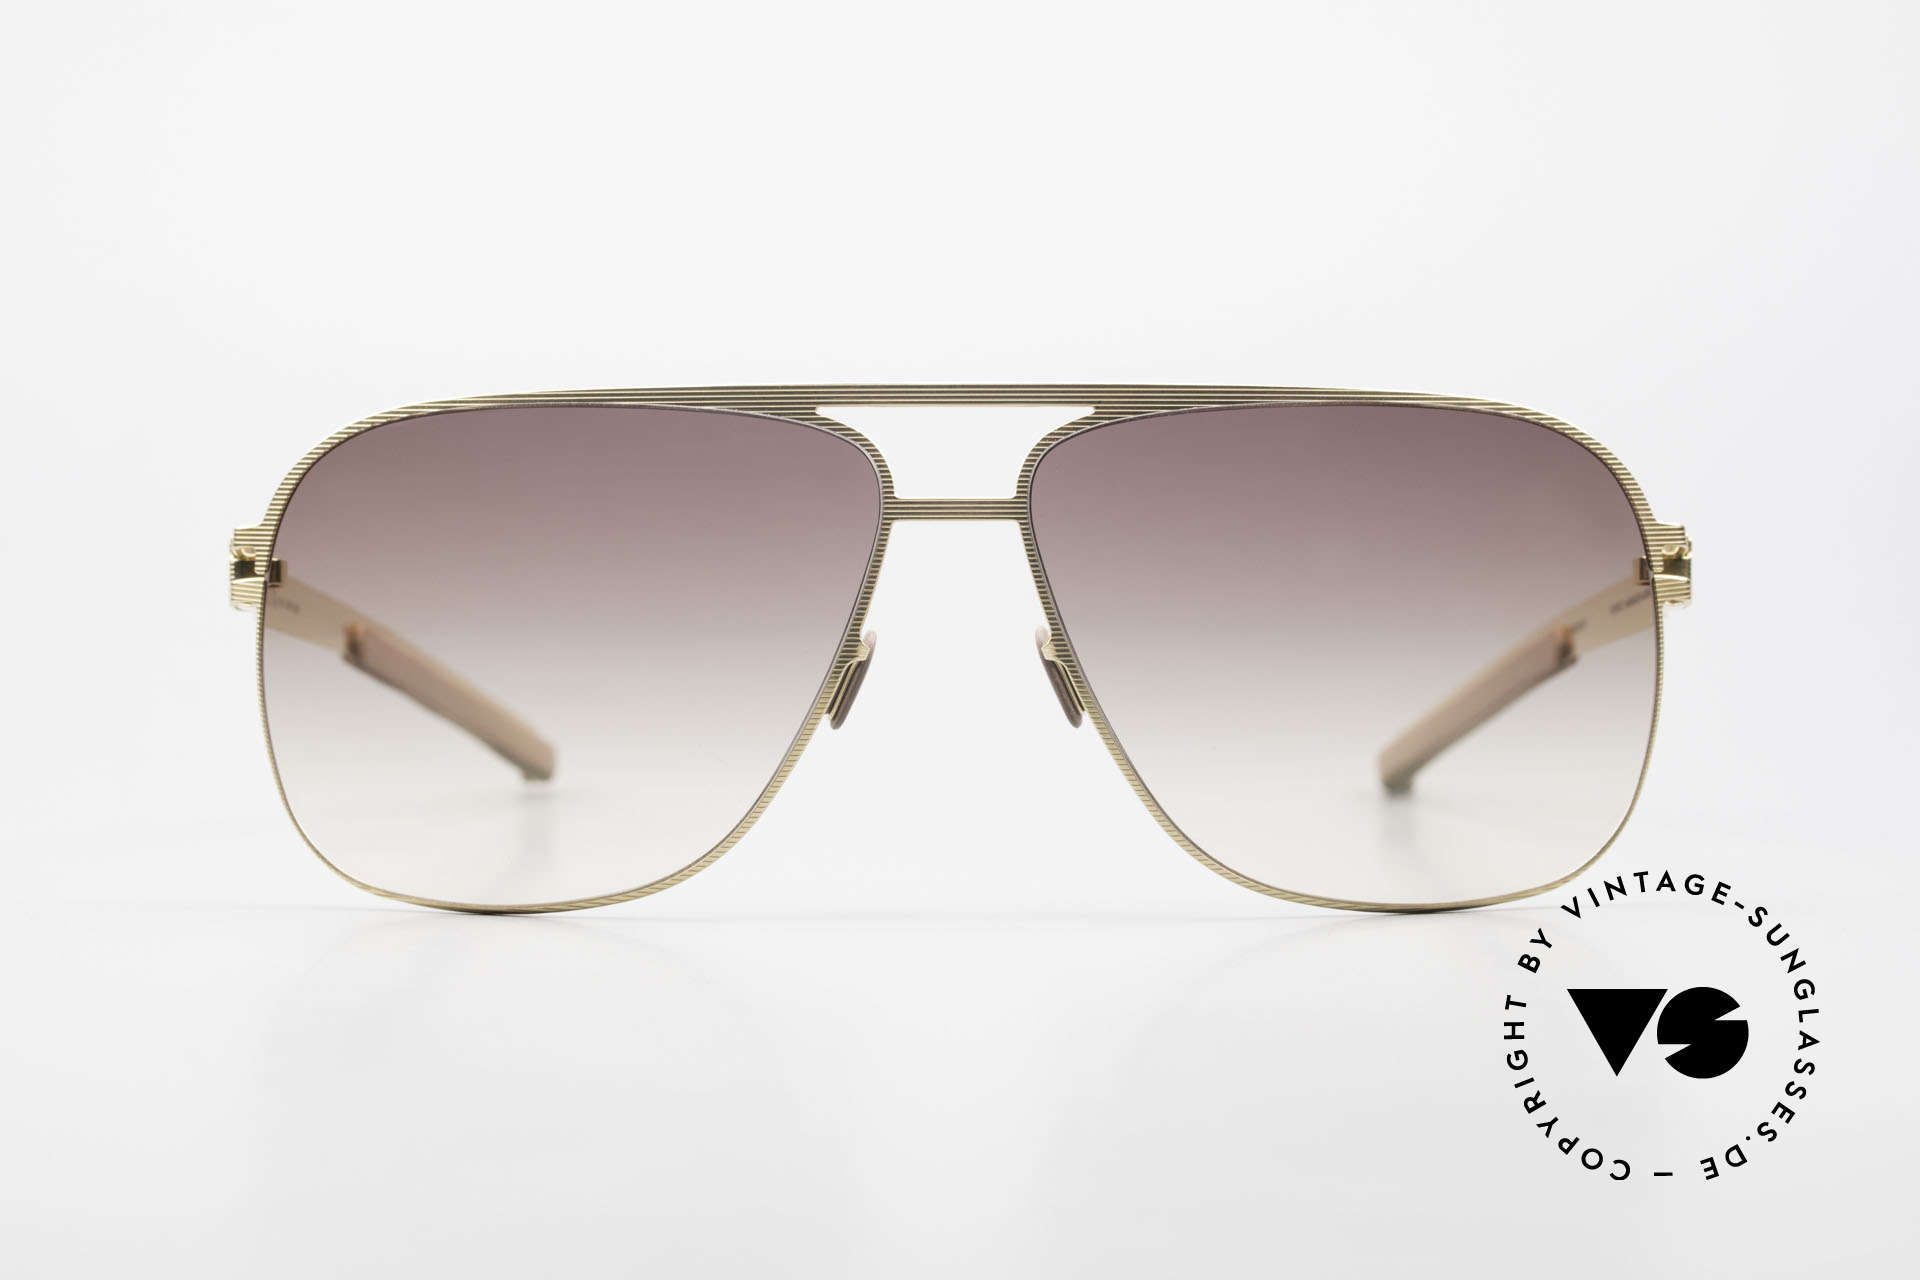 Mykita Luke Vintage Sonnenbrille von 2008, Mykita: die jüngste Marke in unserem vintage Sortiment, Passend für Herren